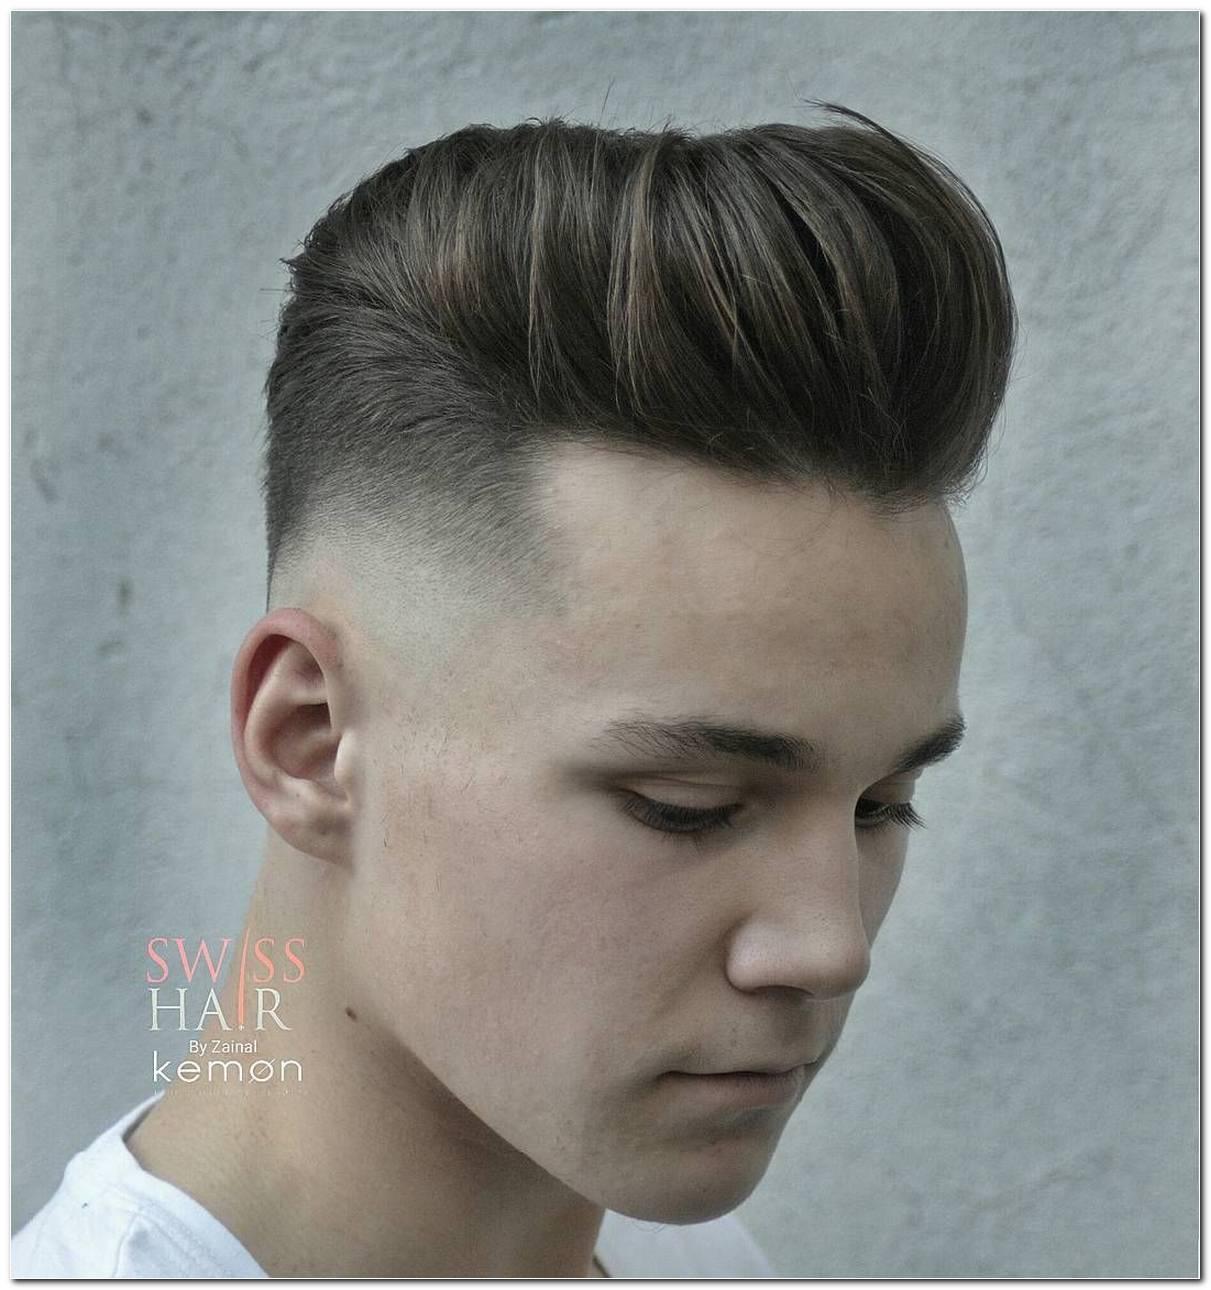 MäNner Frisuren Dicke Haare